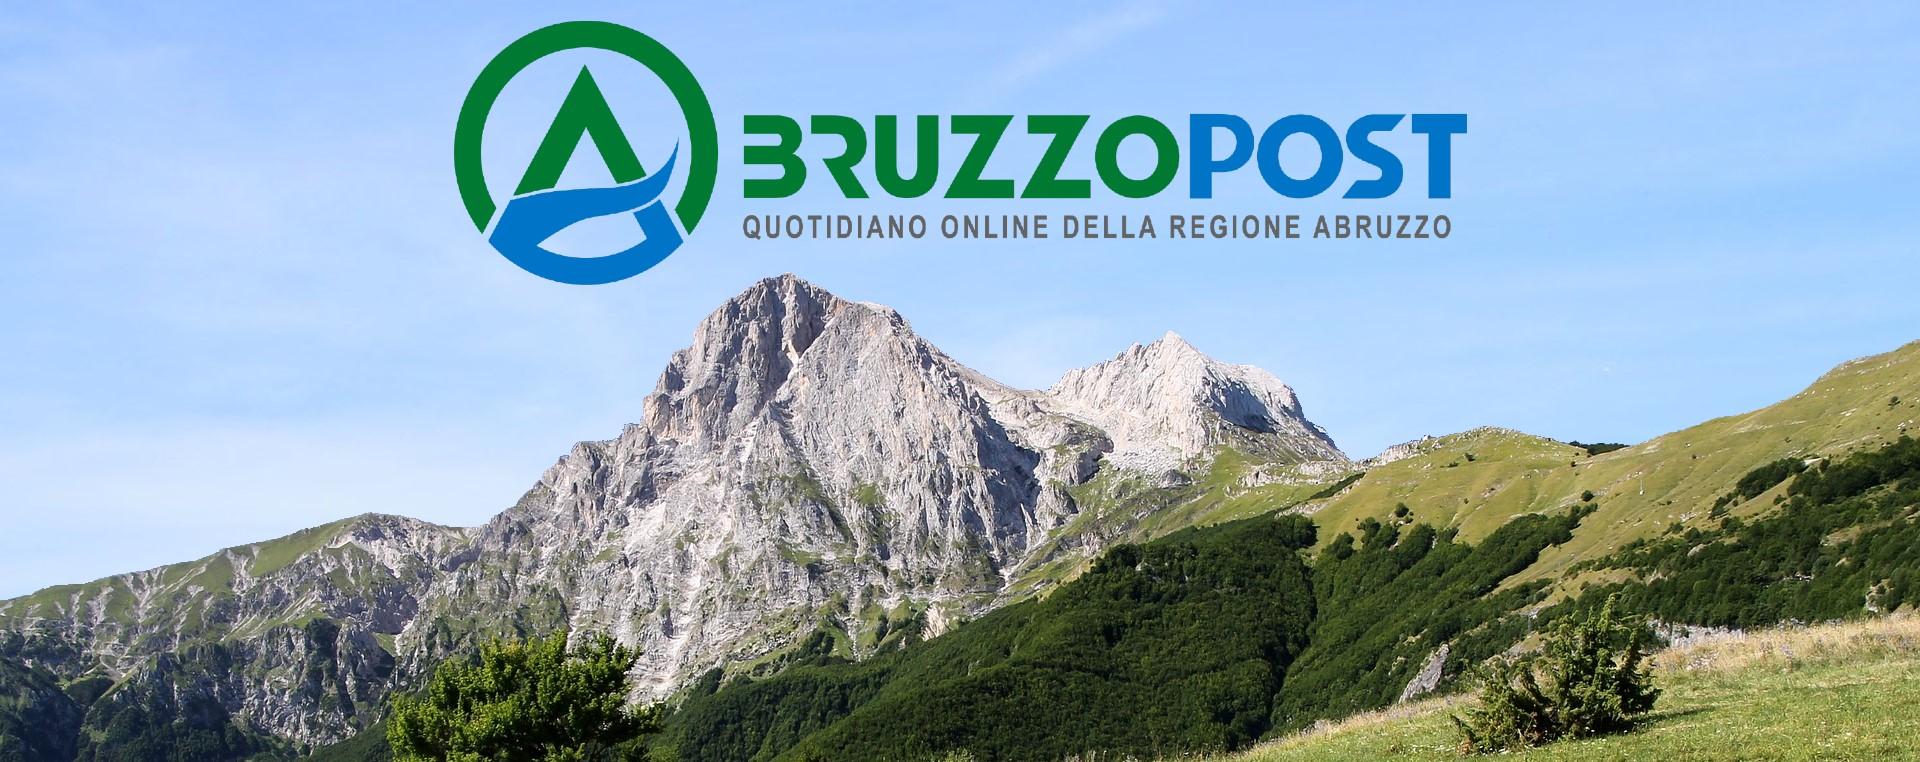 AbruzzoPost